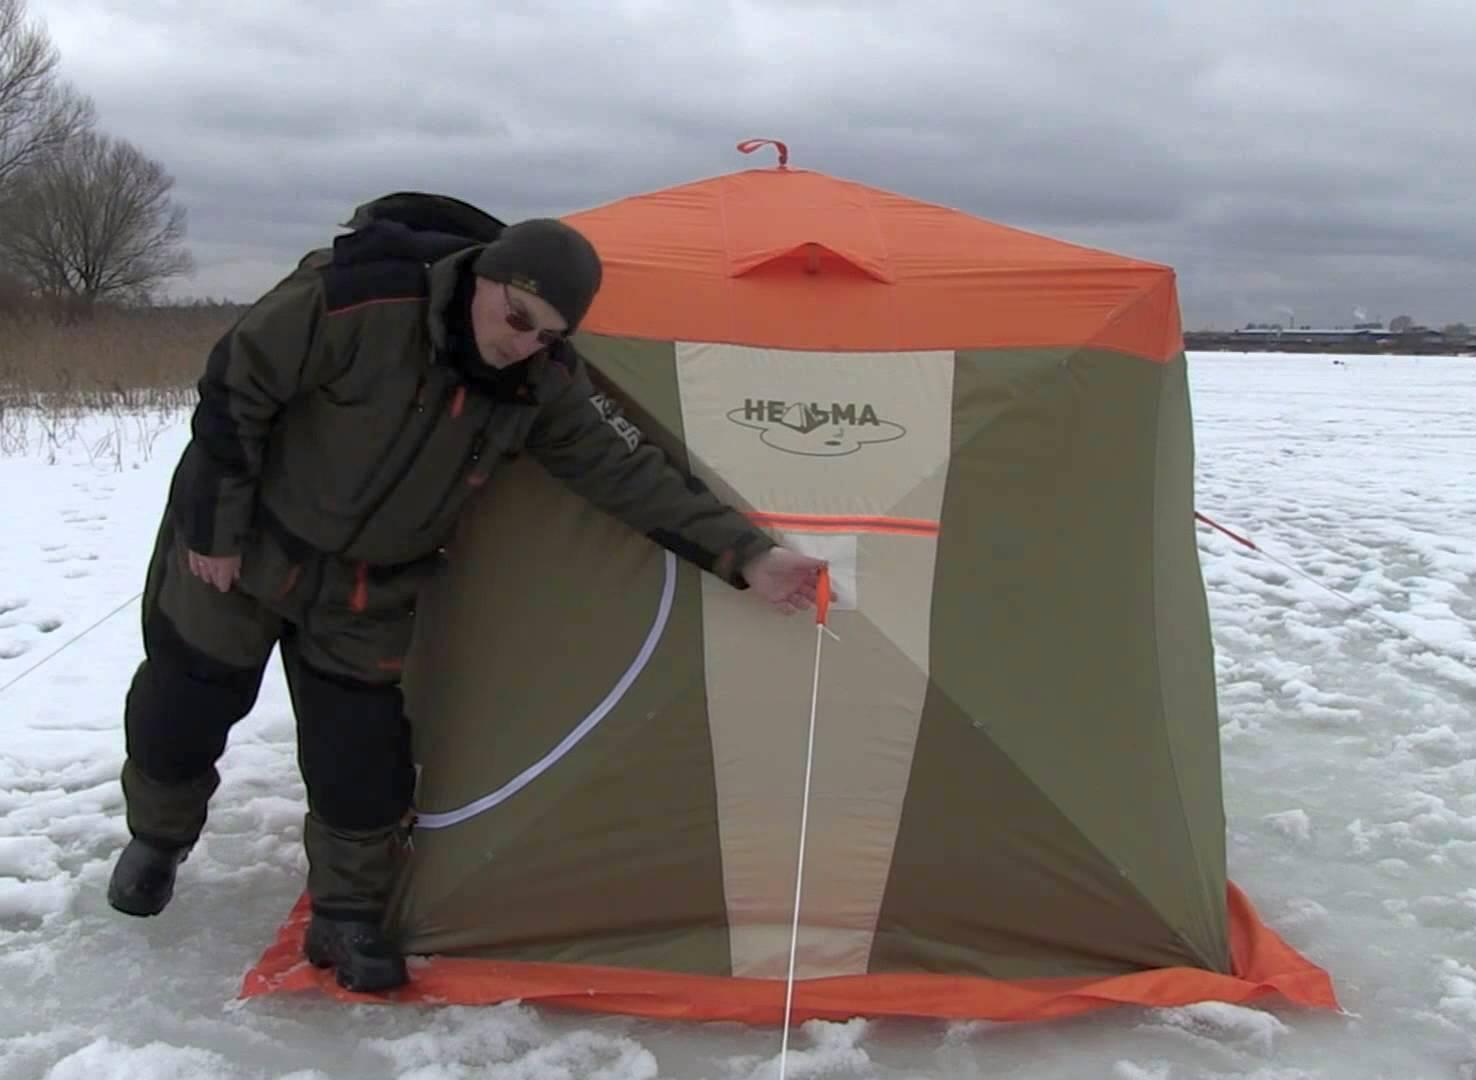 Зимняя палатка своими руками: постройка, обустройство, утепление и правила размещения. 120 фото лучших моделей для изготовления своими руками